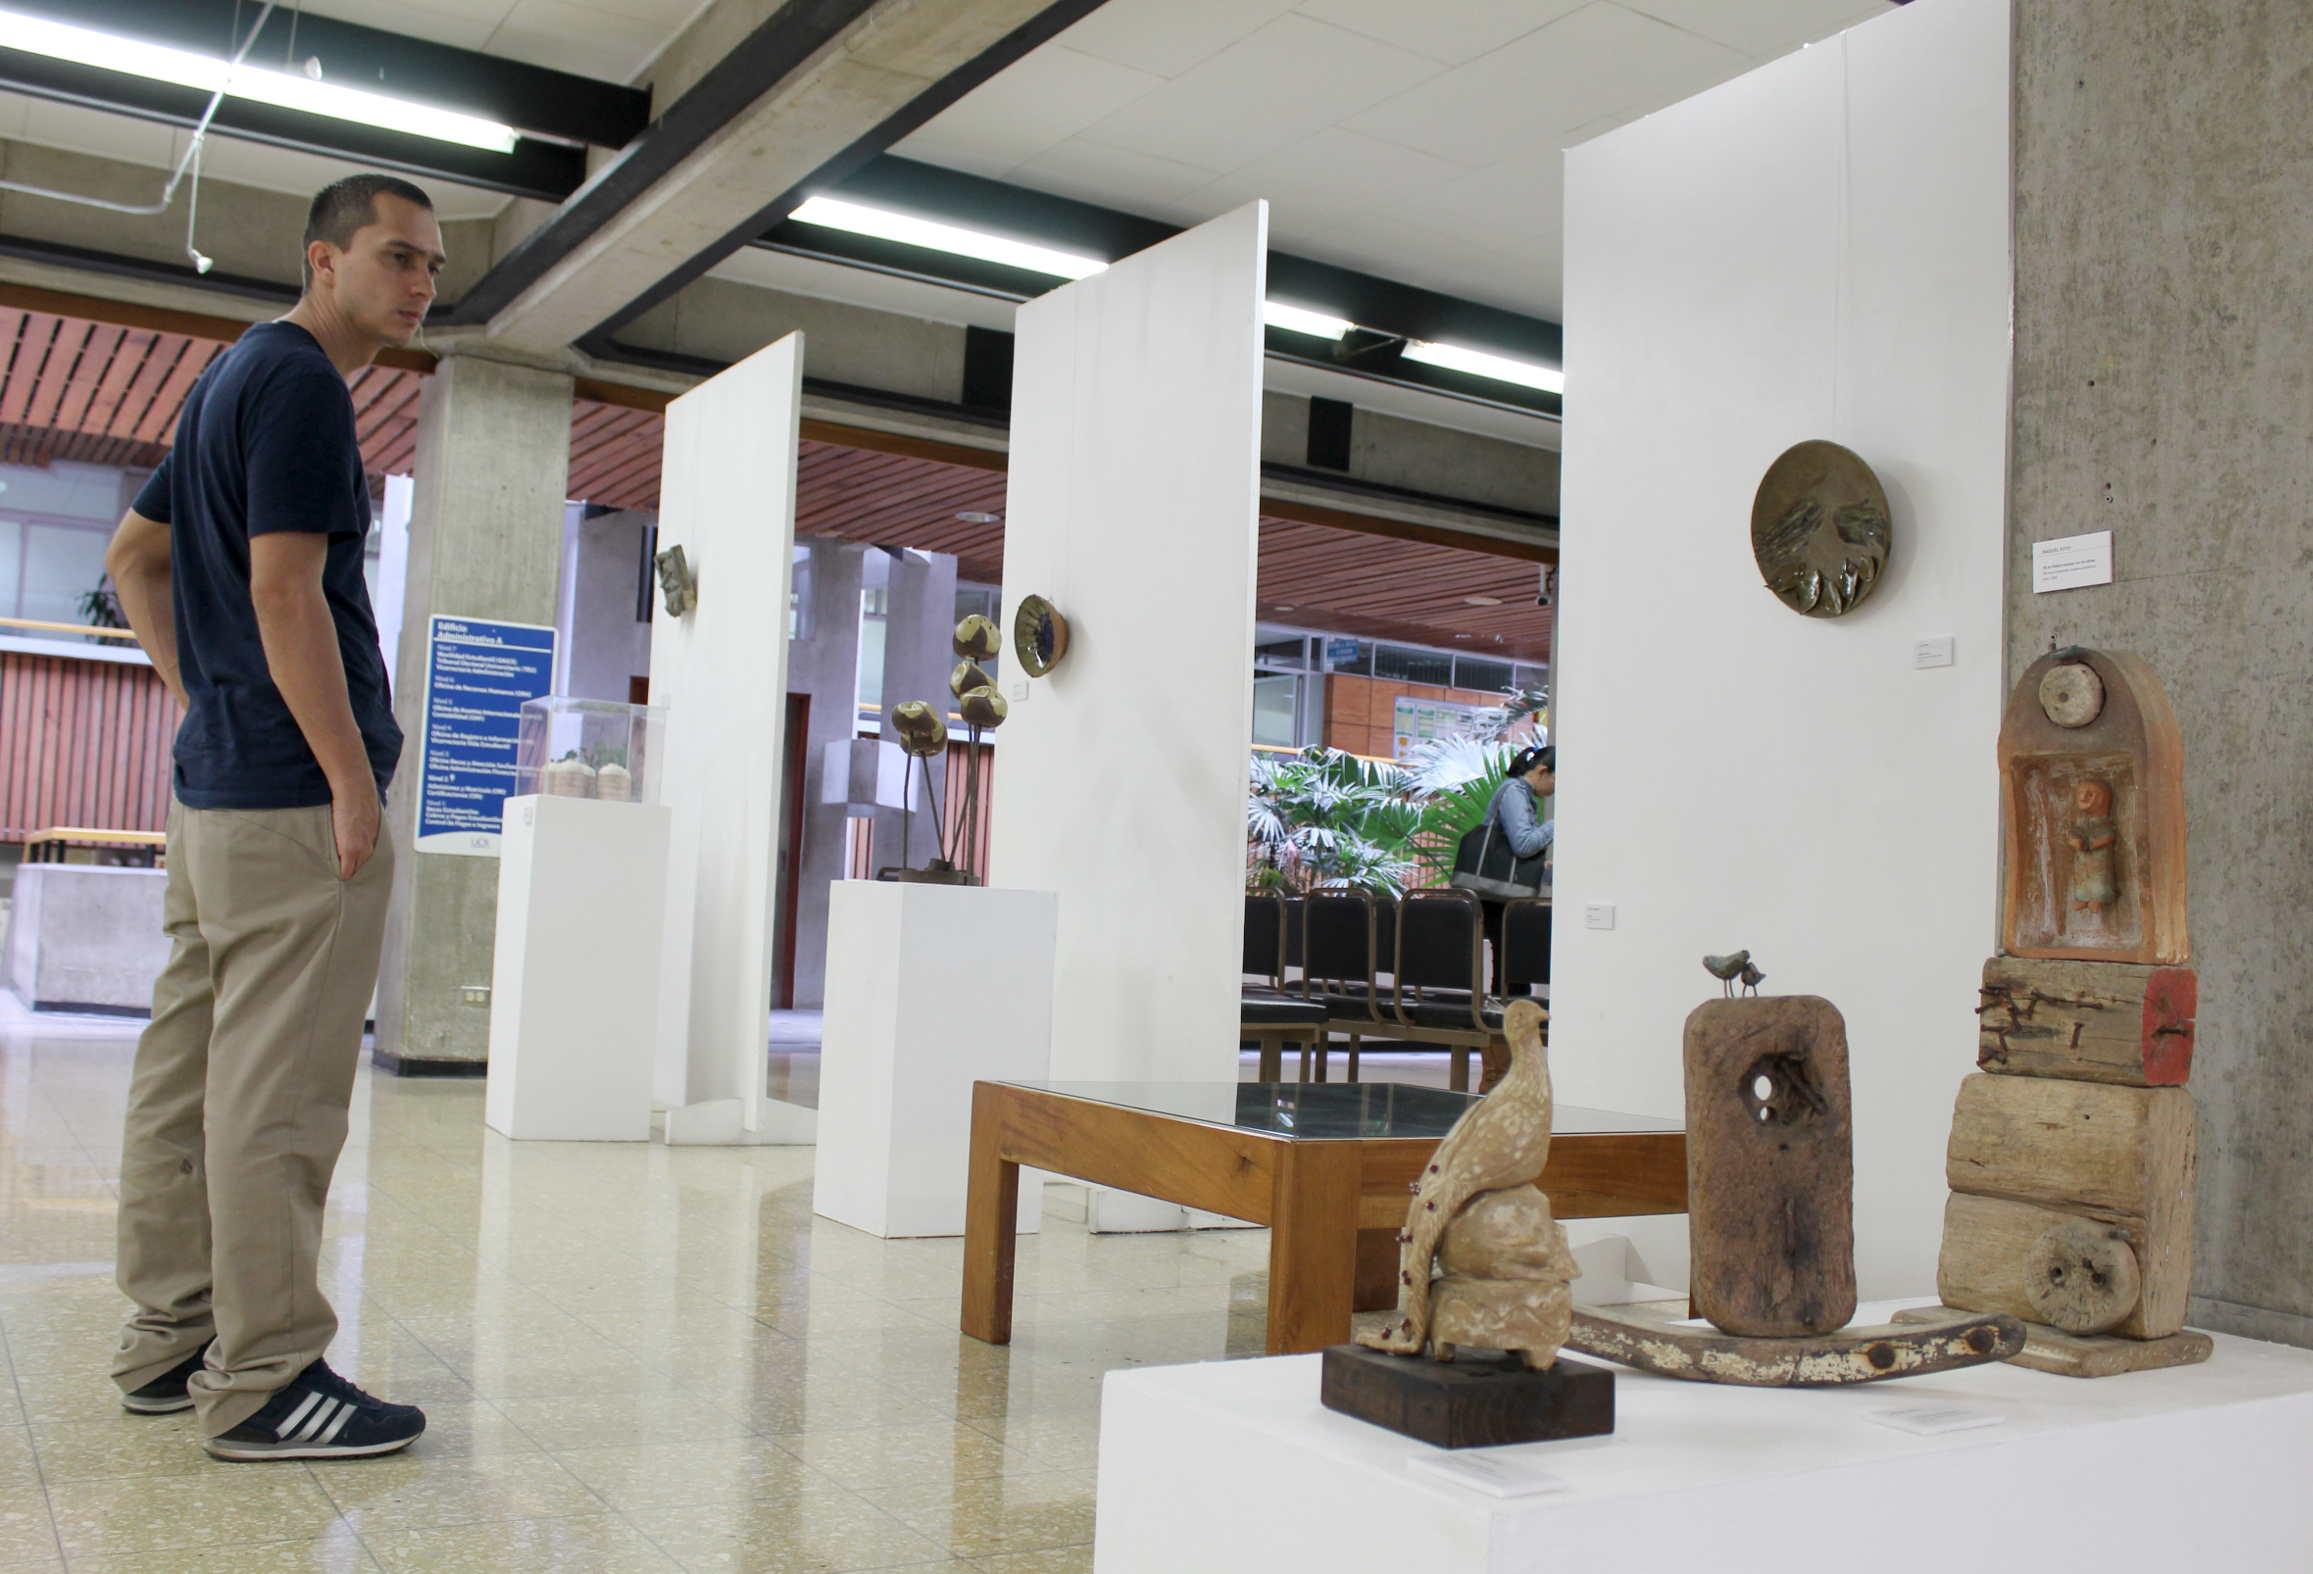 Exposición de la carrera de Cerámica en el 120 aniversario de la Fundación de la Escuela de Artes Plásticas. Fotografía: Adriana Araya.